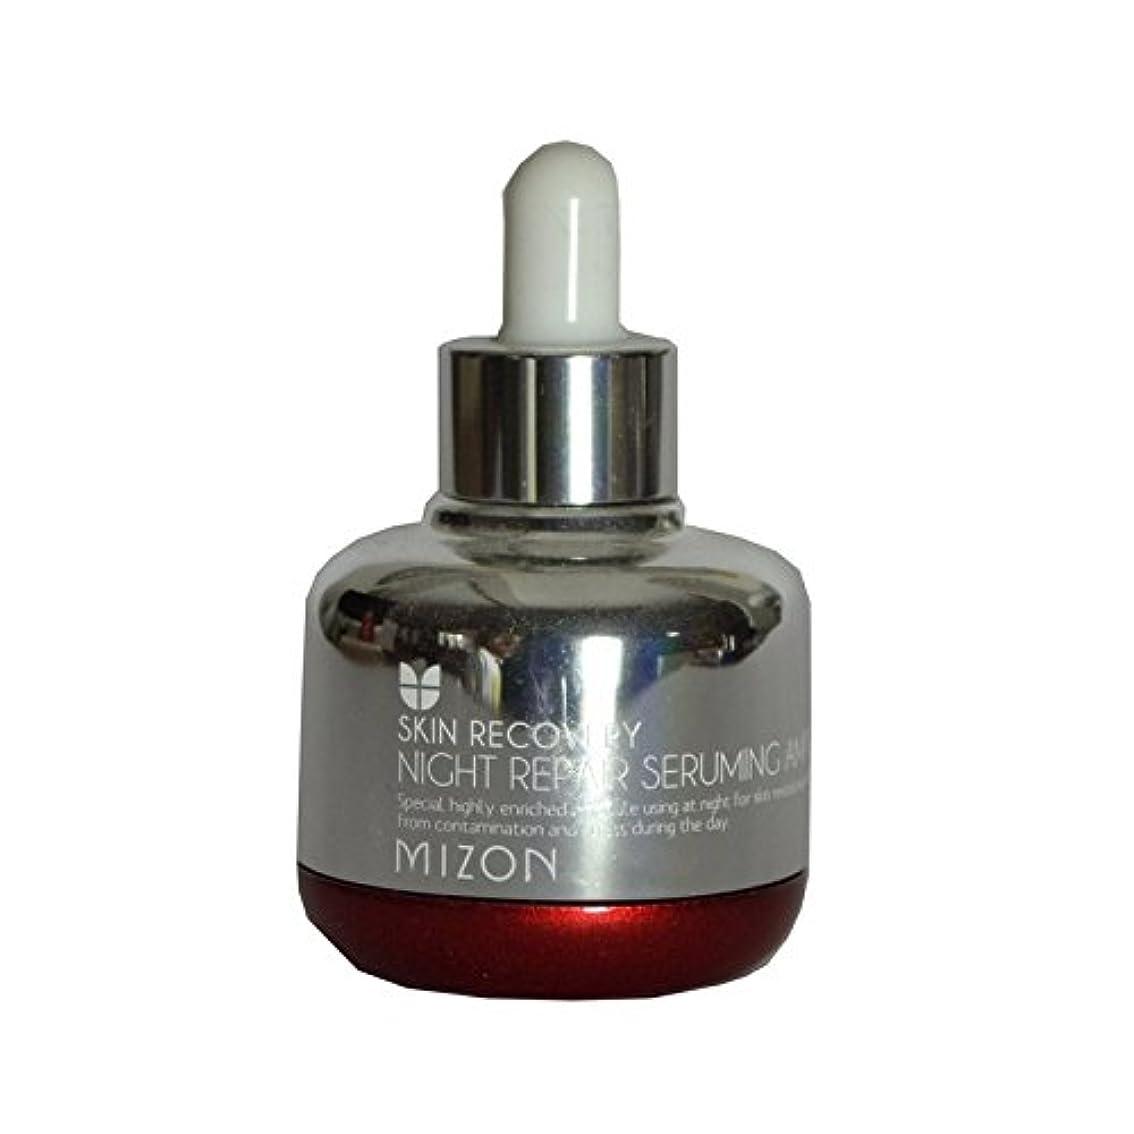 目立つ冷蔵庫洗剤Mizon Night Repair Seruming Ampoule - アンプルを ナイトリペア [並行輸入品]